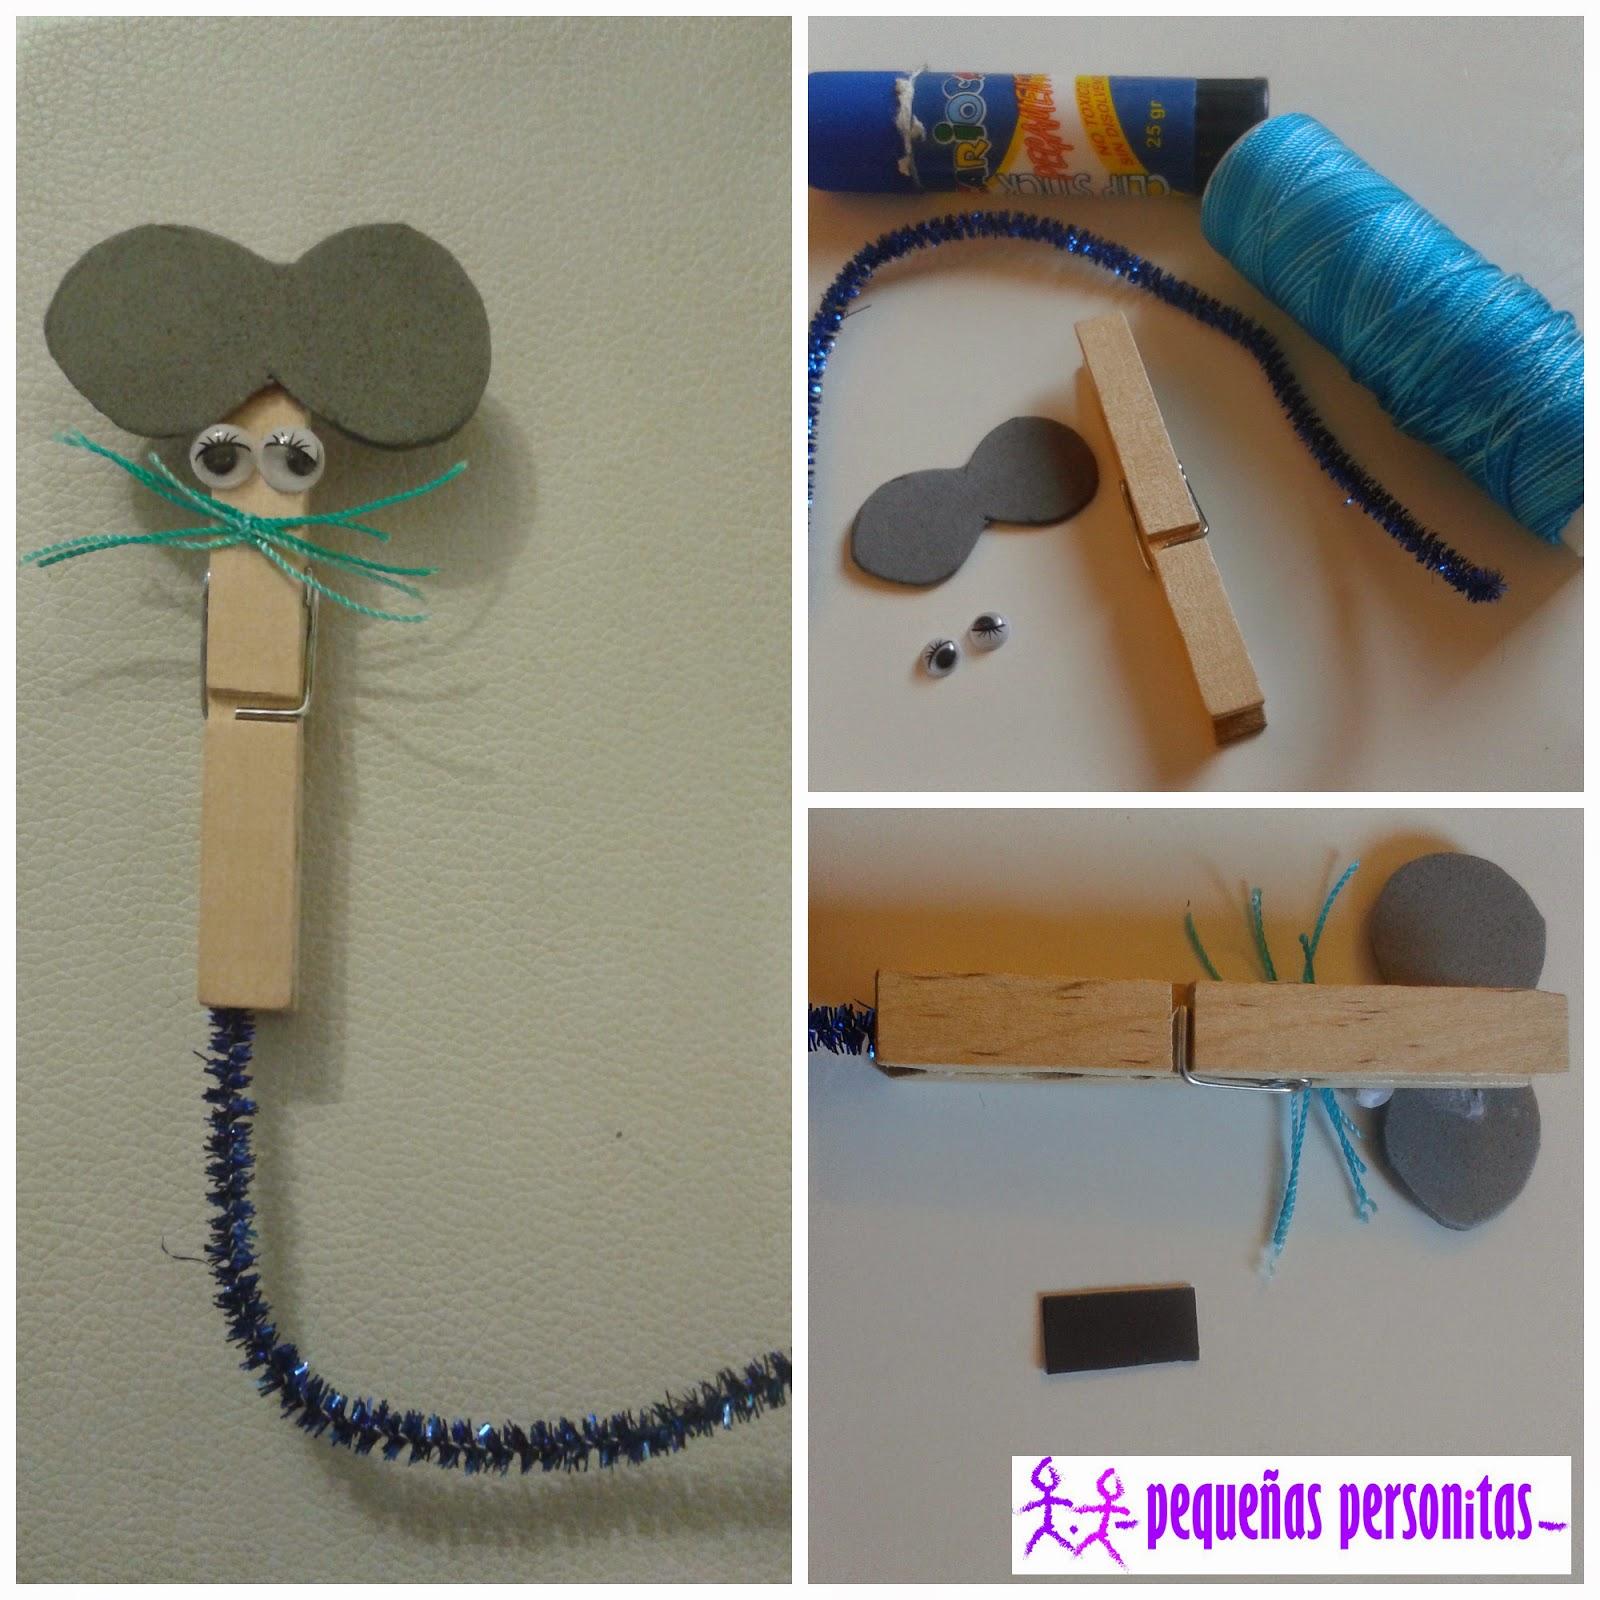 manualidades, DIY, pinzas, ratón, manualidades infantiles, manualidades fáciles, goma eva, limpiapipas, ojos móviles